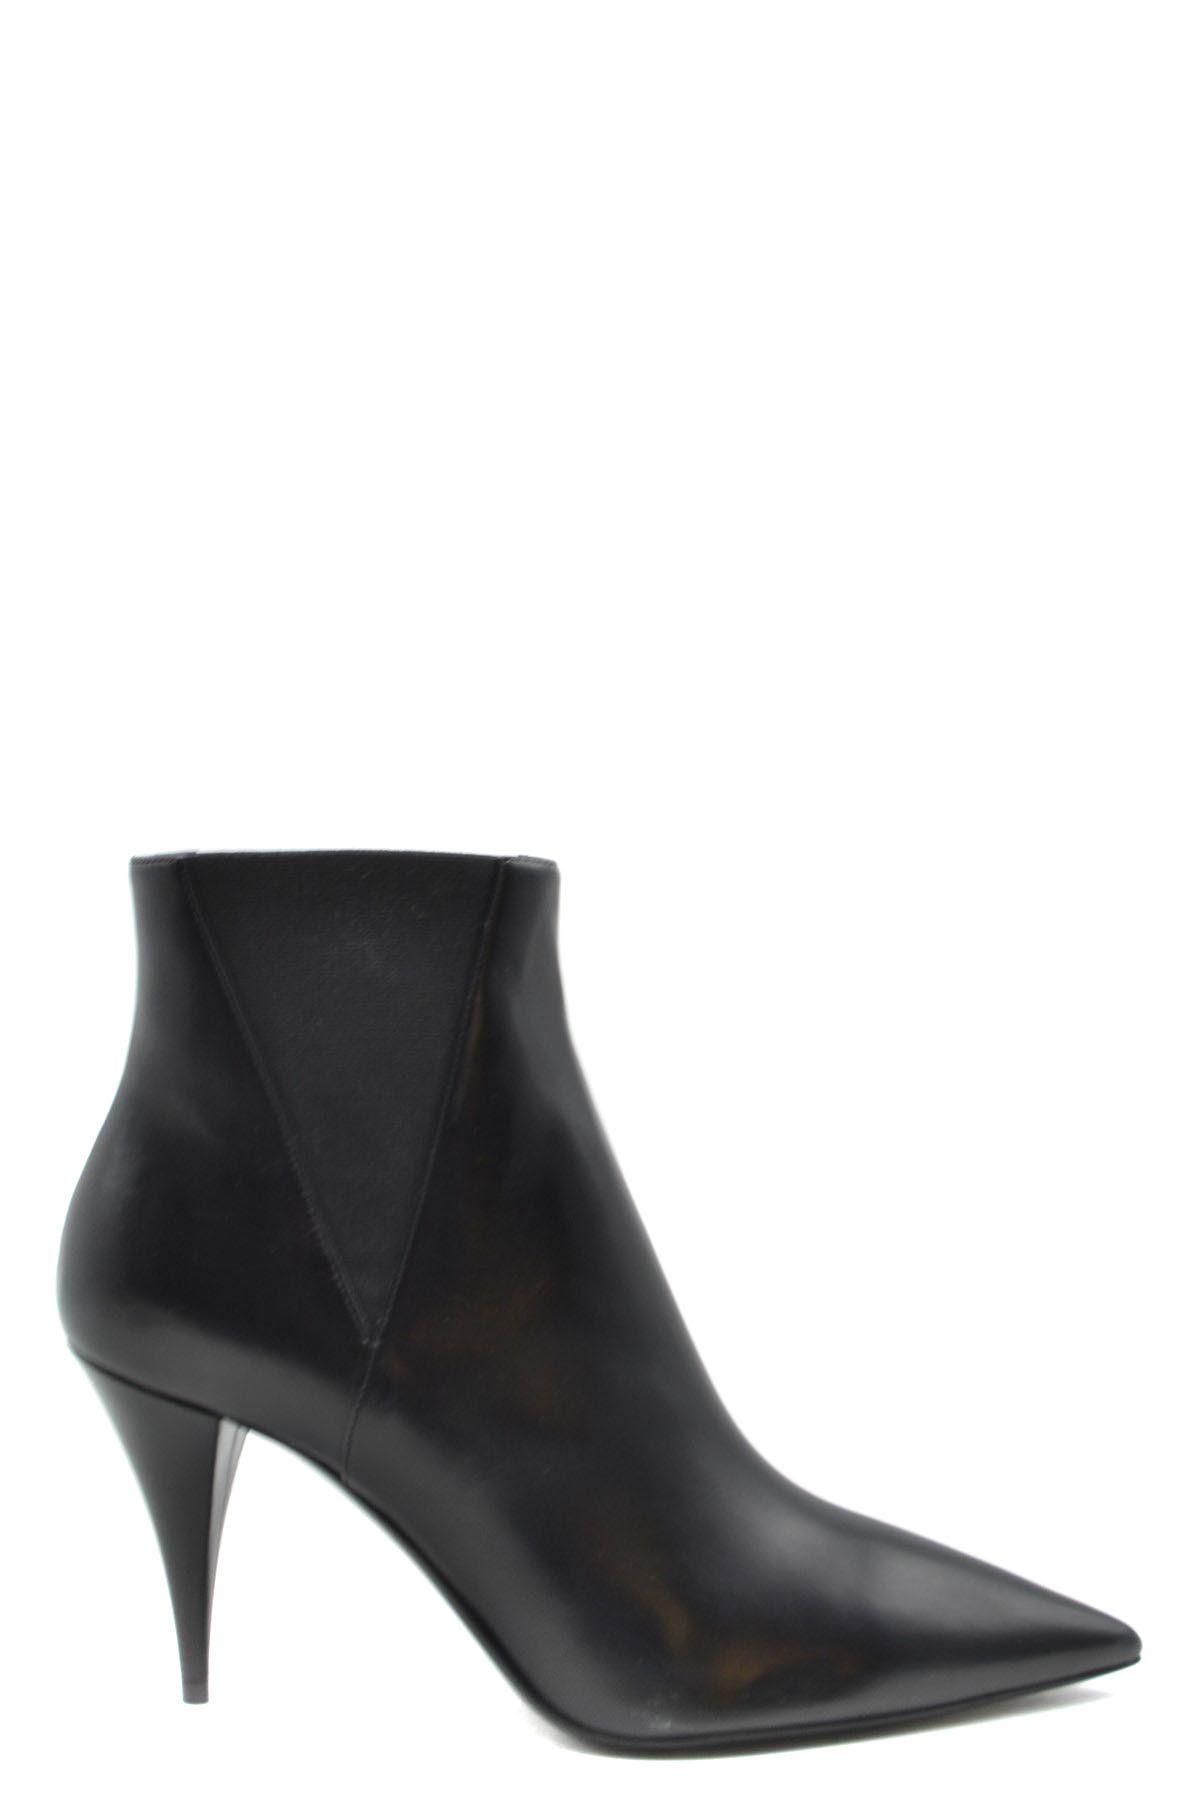 Saint Laurent Women's Boots In Black